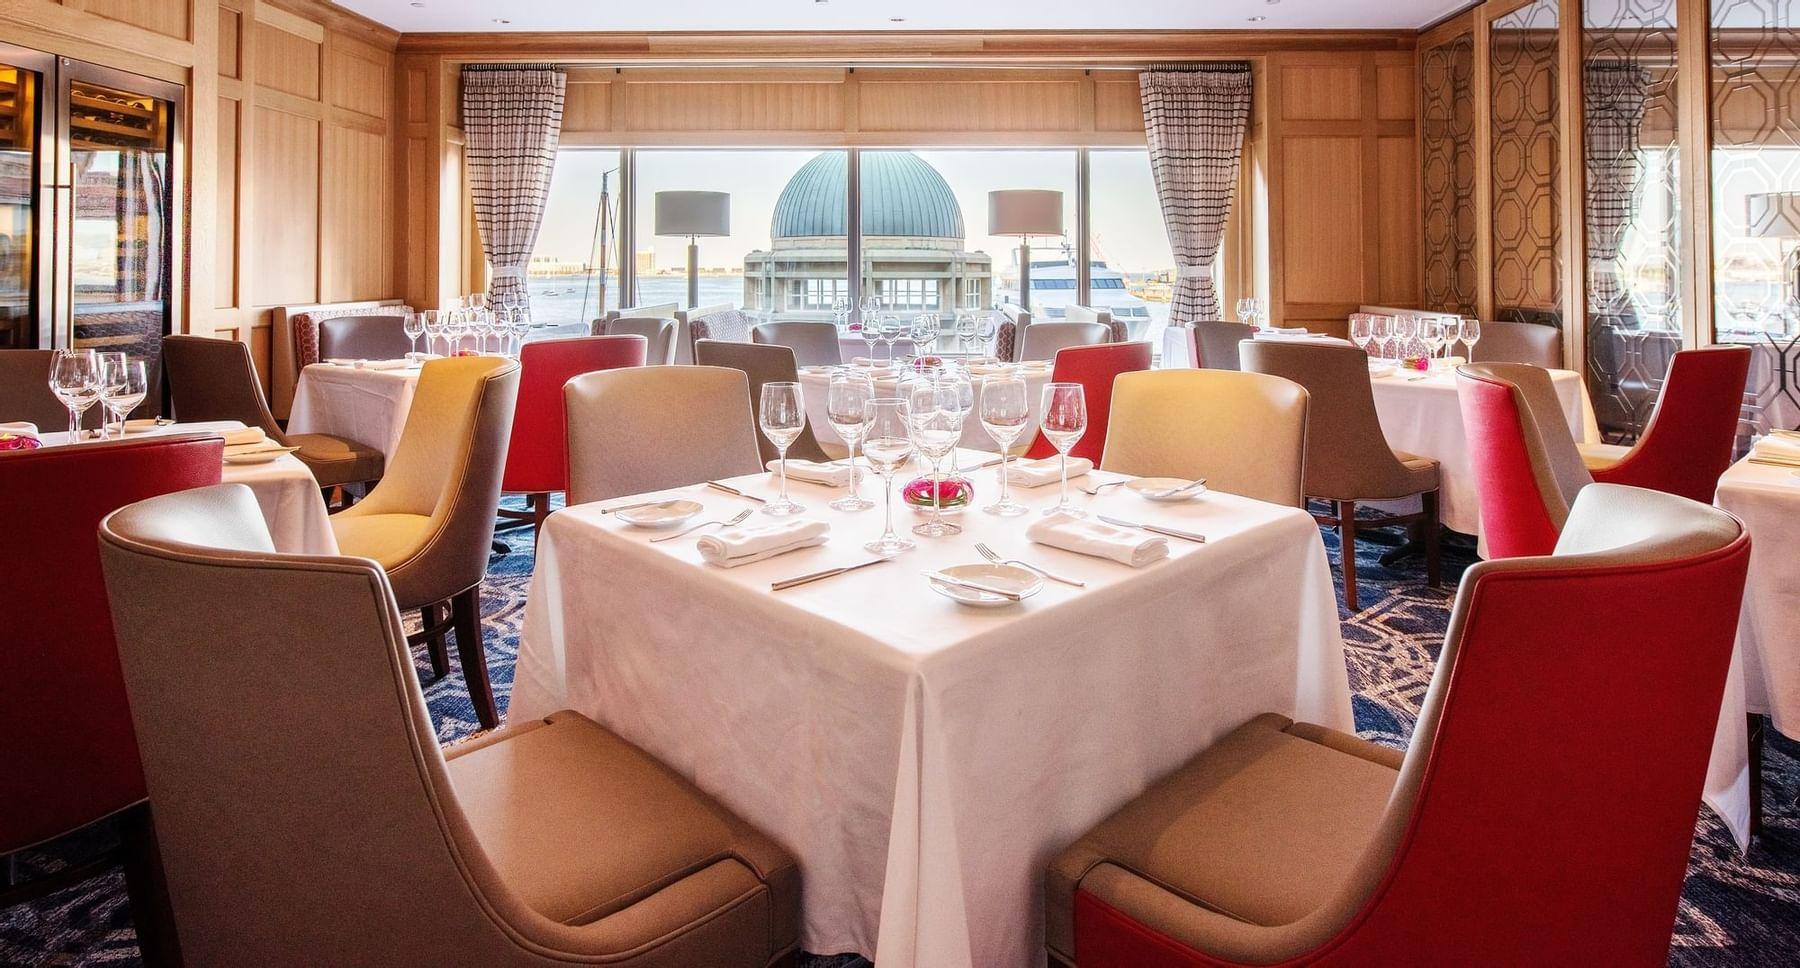 Sonoma dining room in Boston Harbor Hotel